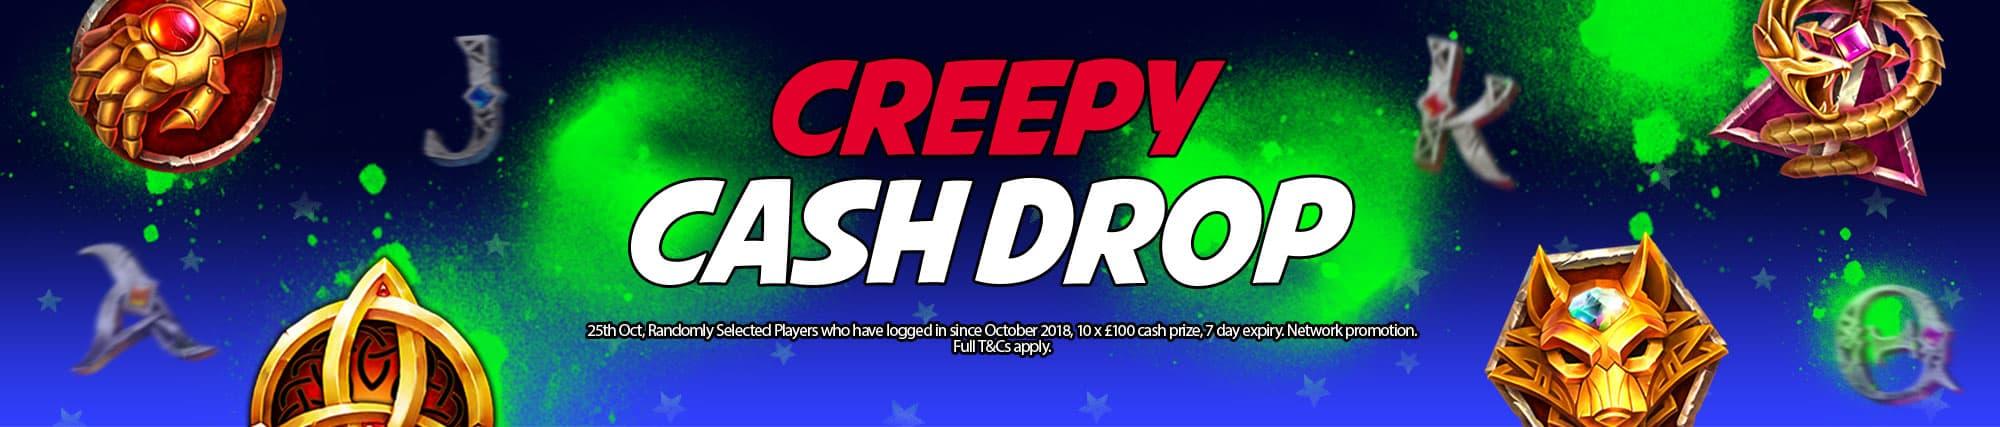 CreepycashDrop